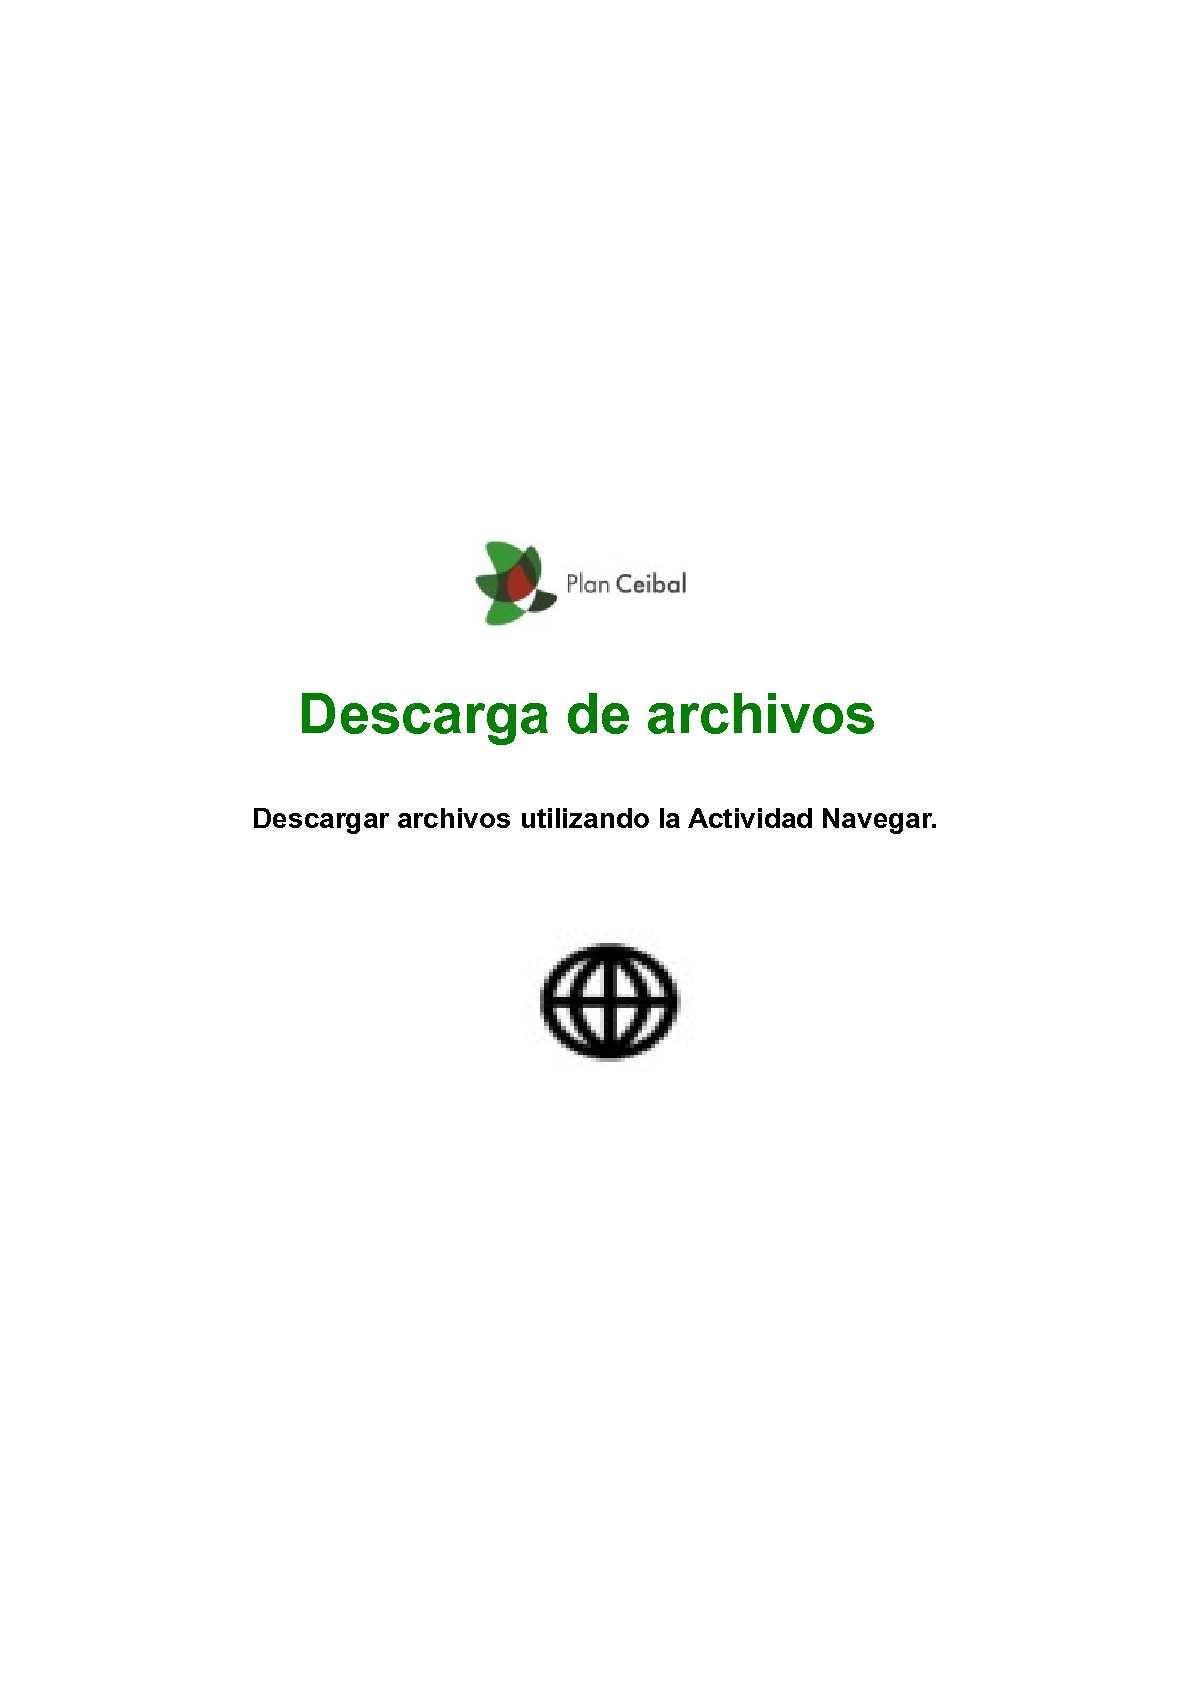 Descarga de archivos